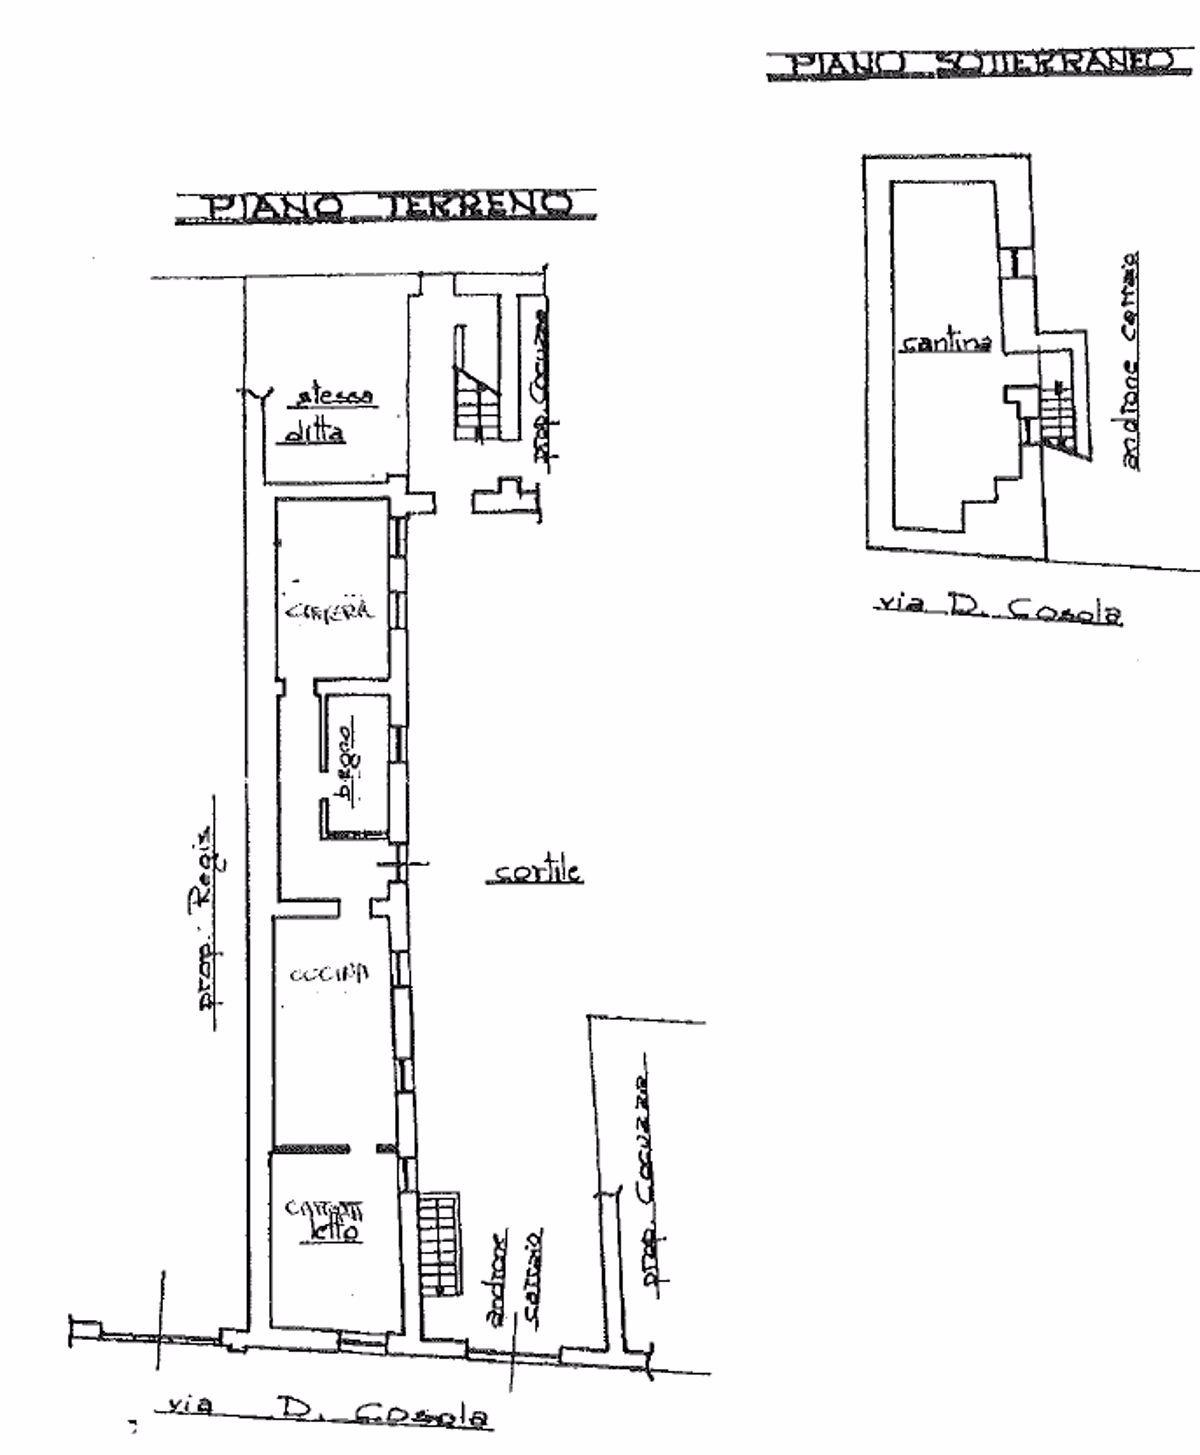 Vendita Trilocale Appartamento Chivasso Via Demetrio Cosola, 26 285680